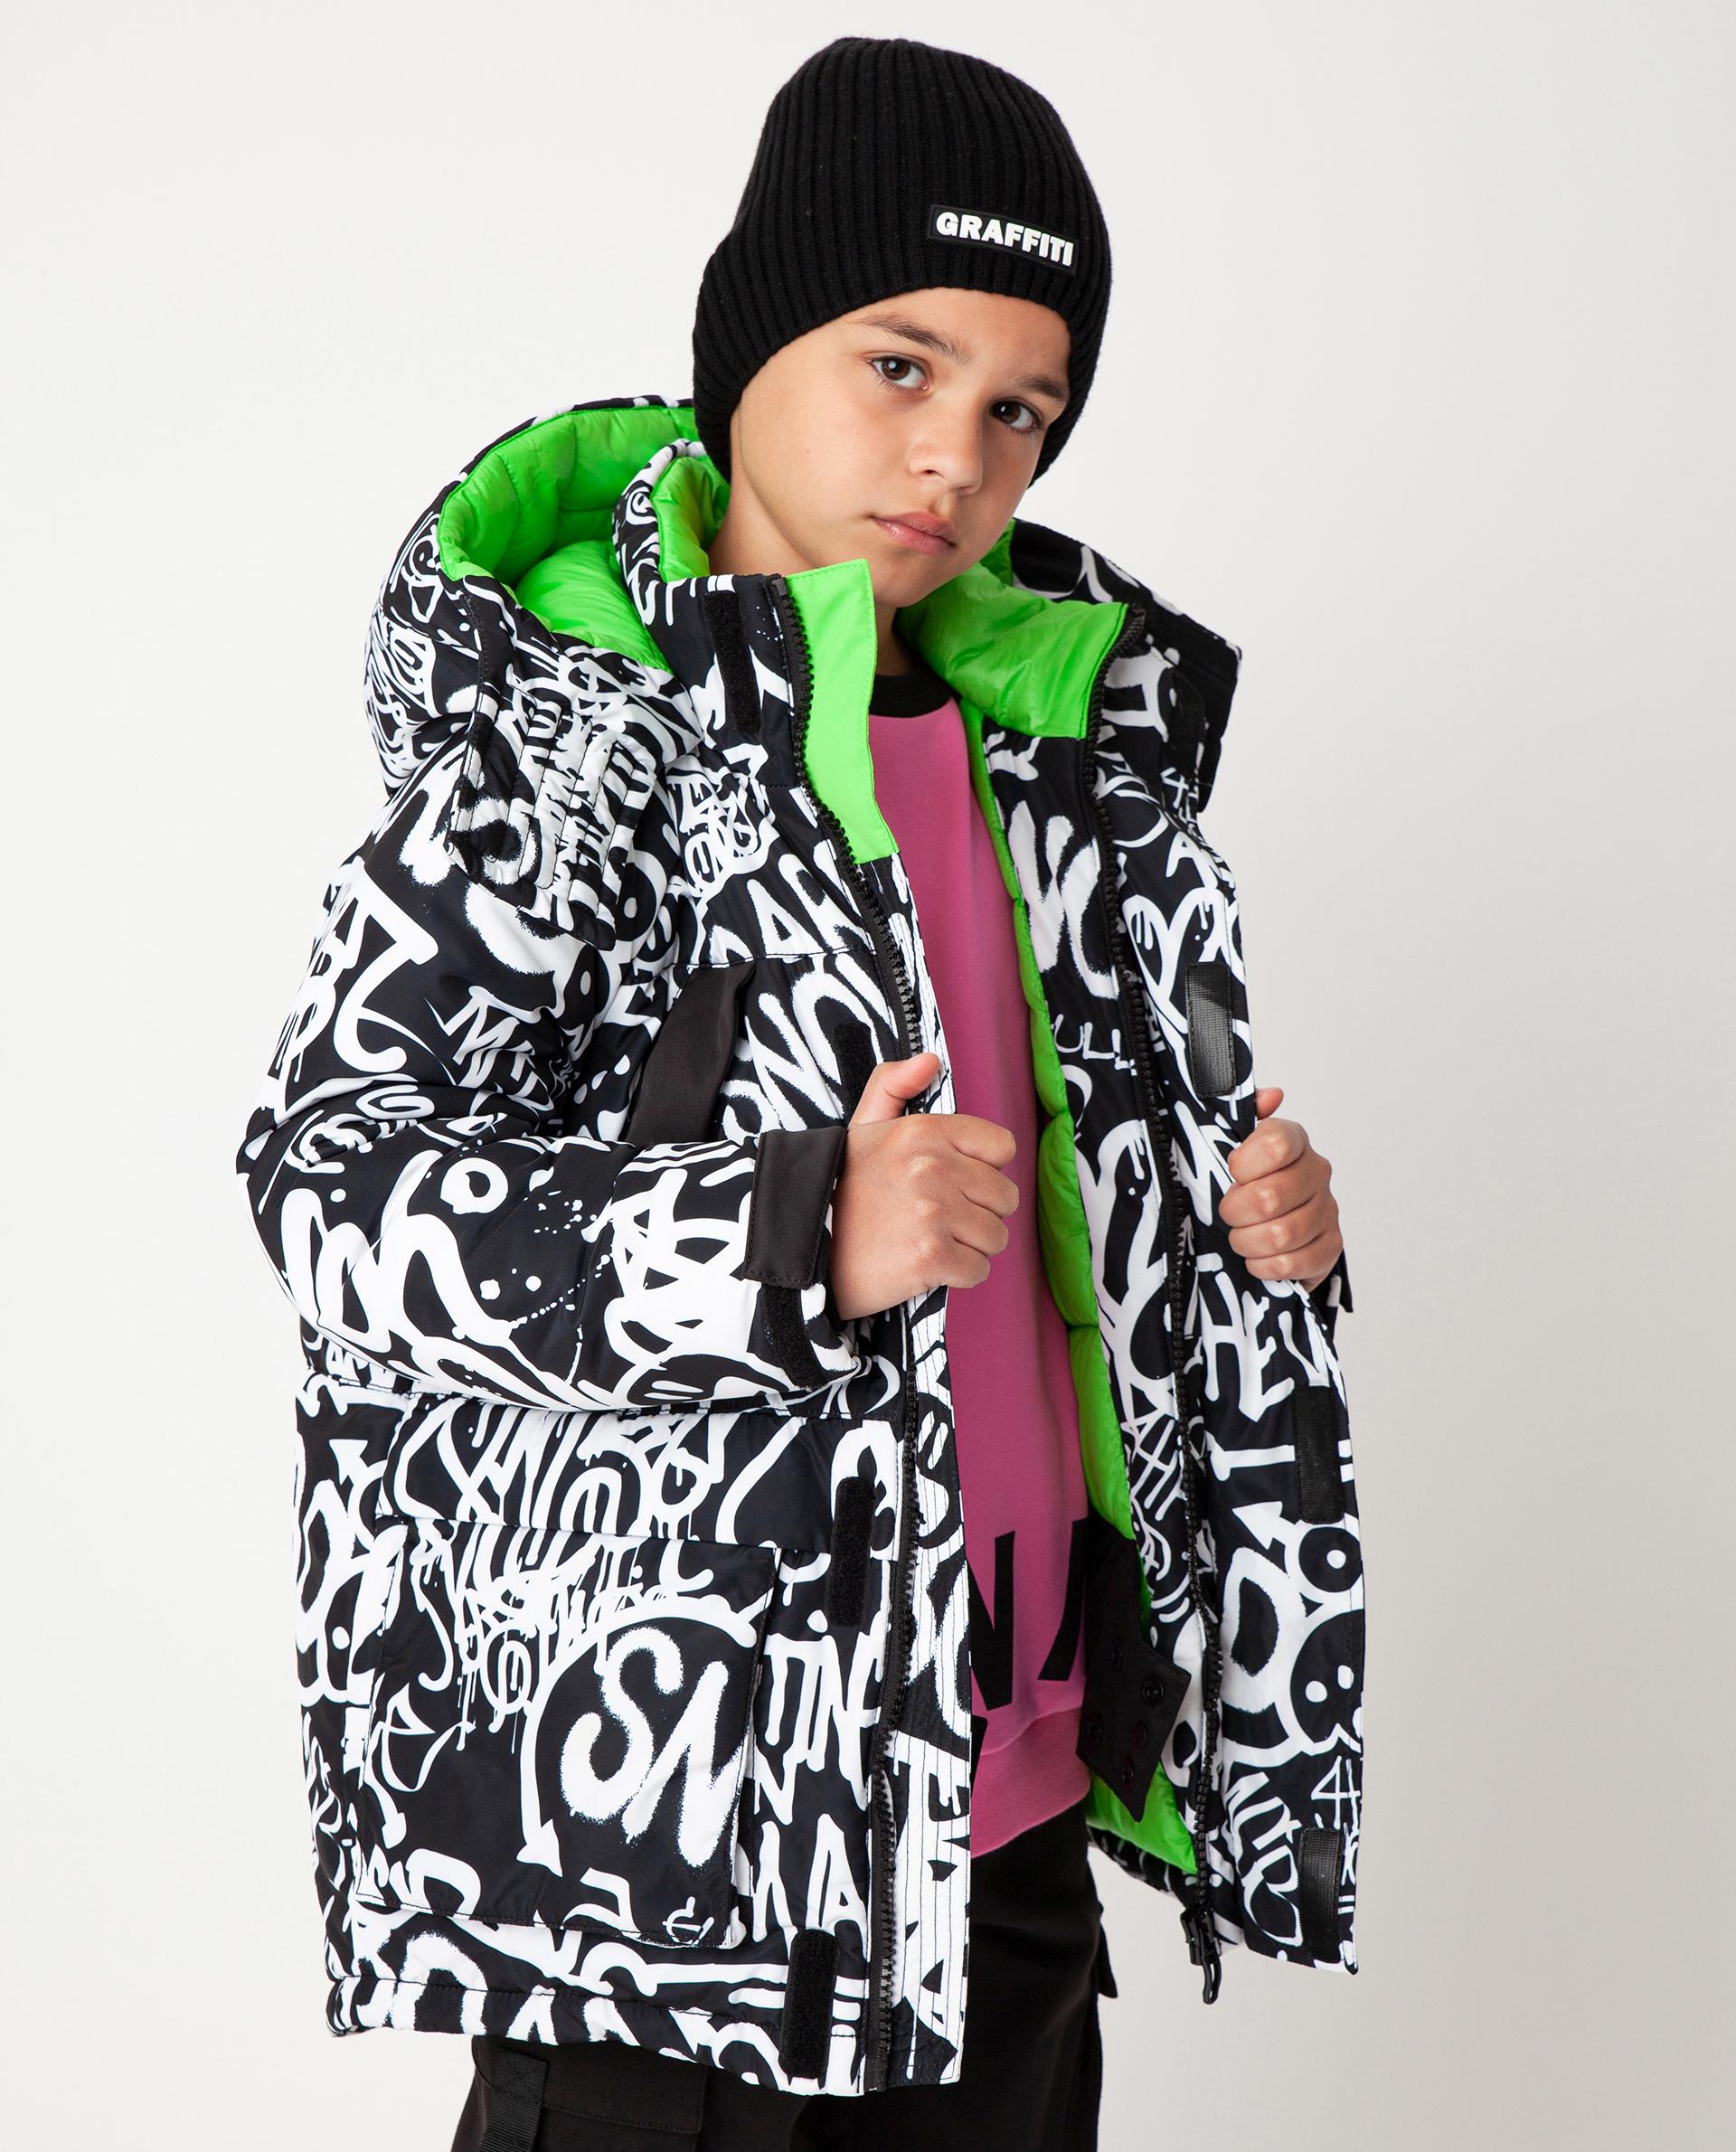 Купить 22012BJC4104, Черная куртка зимняя Gulliver, черный, 164, Полиэстер, Мужской, Зима, ОСЕНЬ/ЗИМА 2020-2021 (shop: GulliverMarket Gulliver Market)